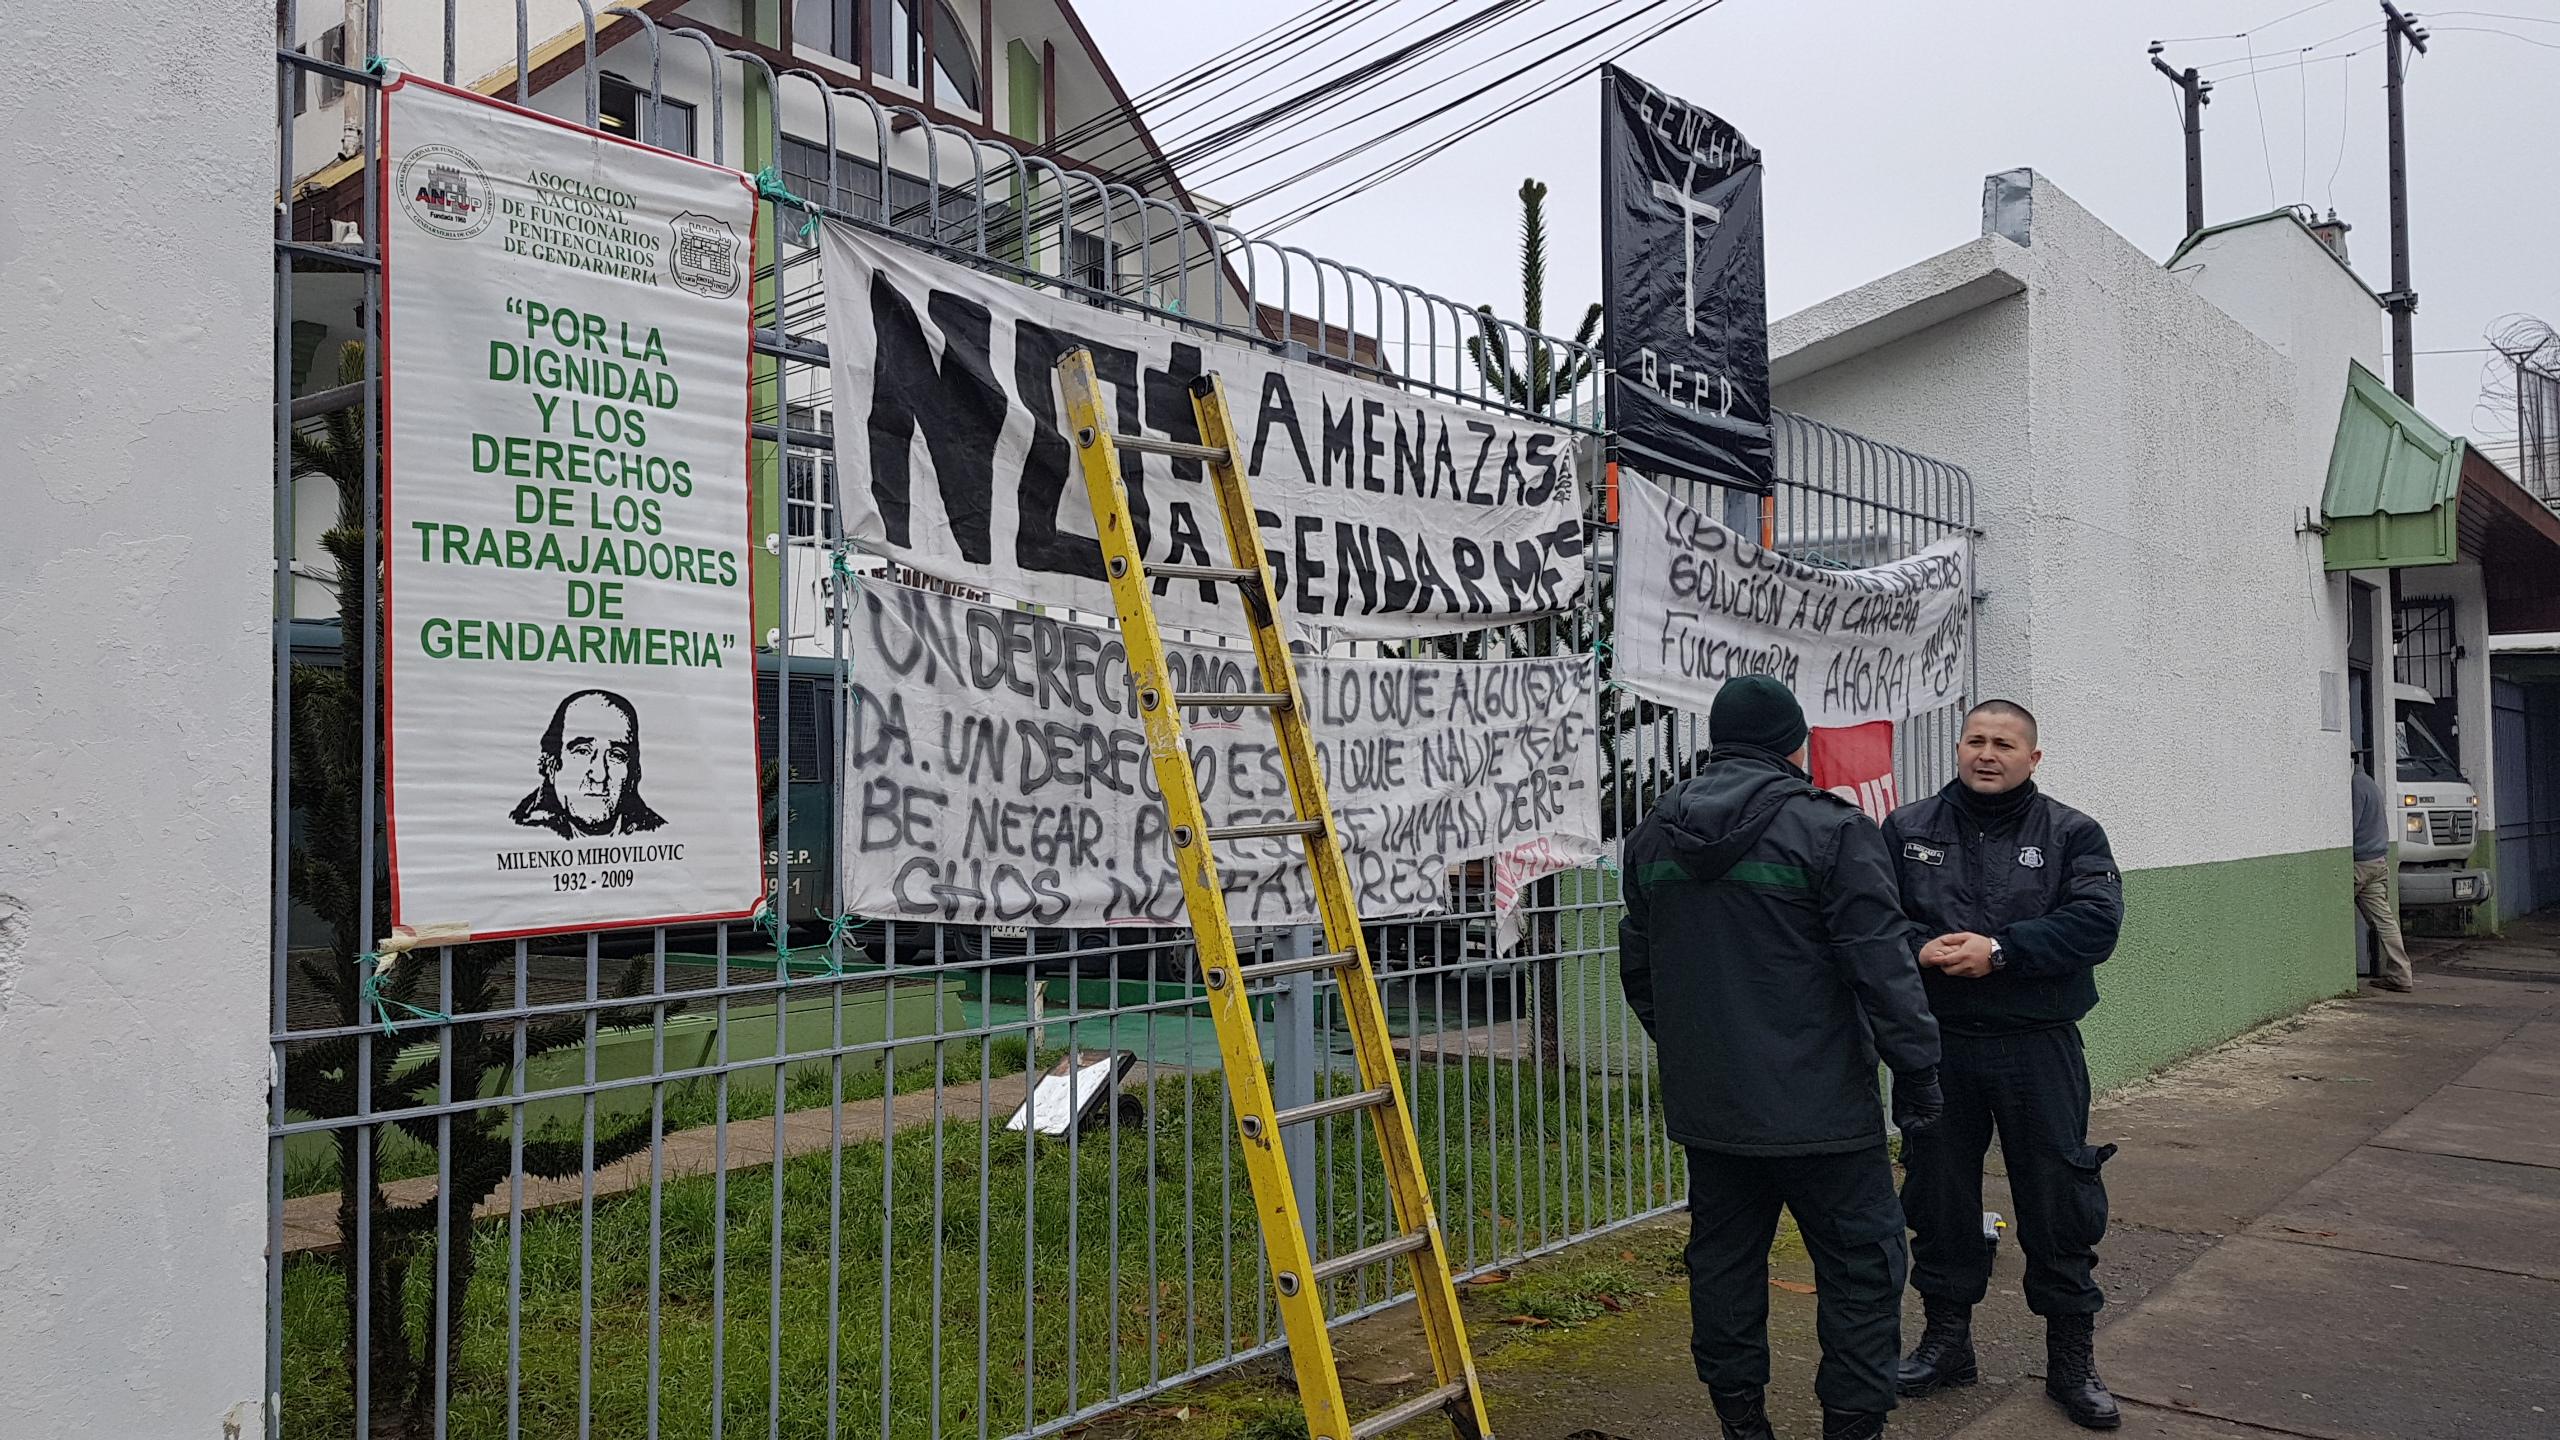 FOTOS | Funcionarios de Gendarmería intentaron encadenarse al Ministerio de Justicia